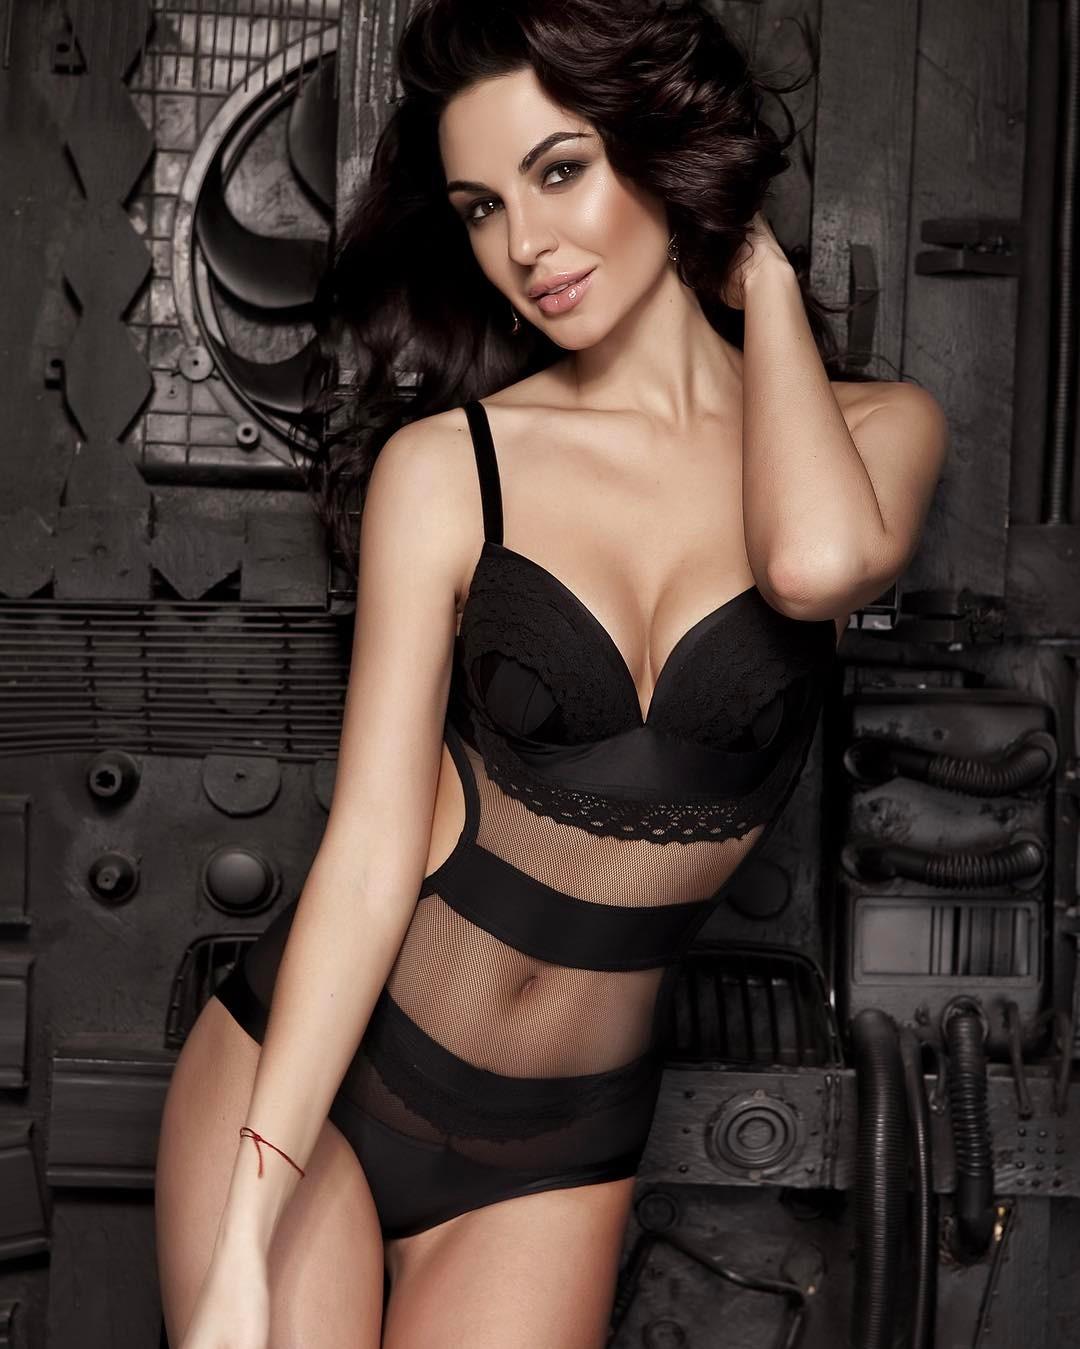 Мужчины оглядываются ей в след и мечтают удостоится хотя бы секунды внимания со стороны этой очаровательной девушки